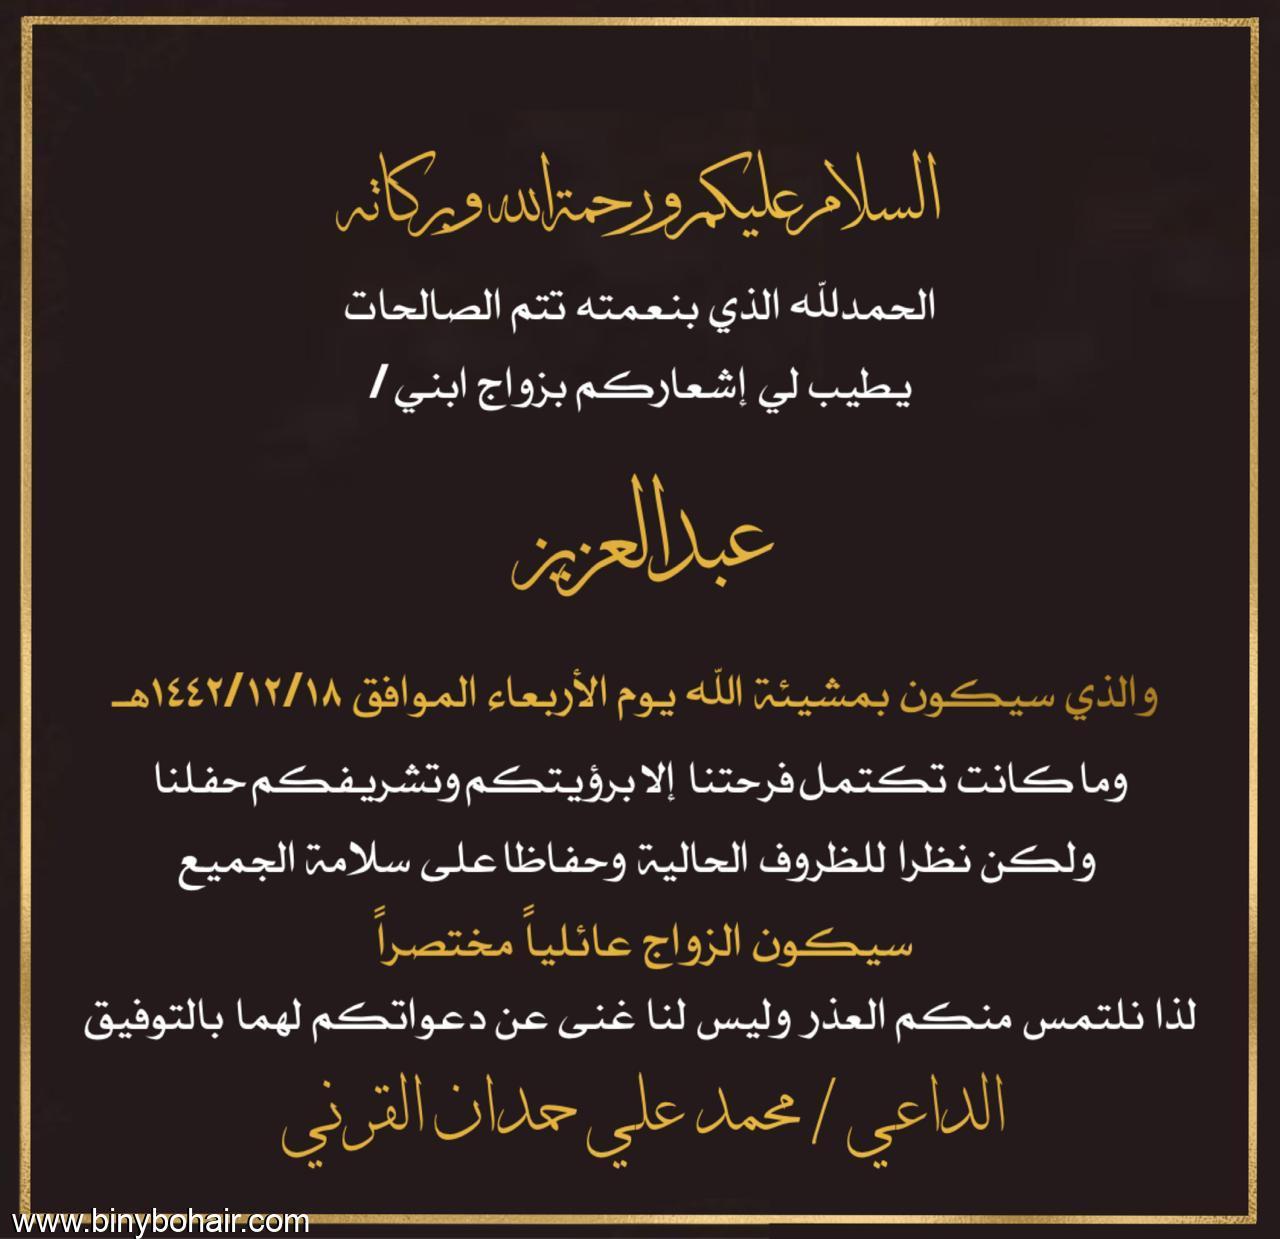 """يشعركم """" محمد حمدان القرني s0v71802.jpeg"""